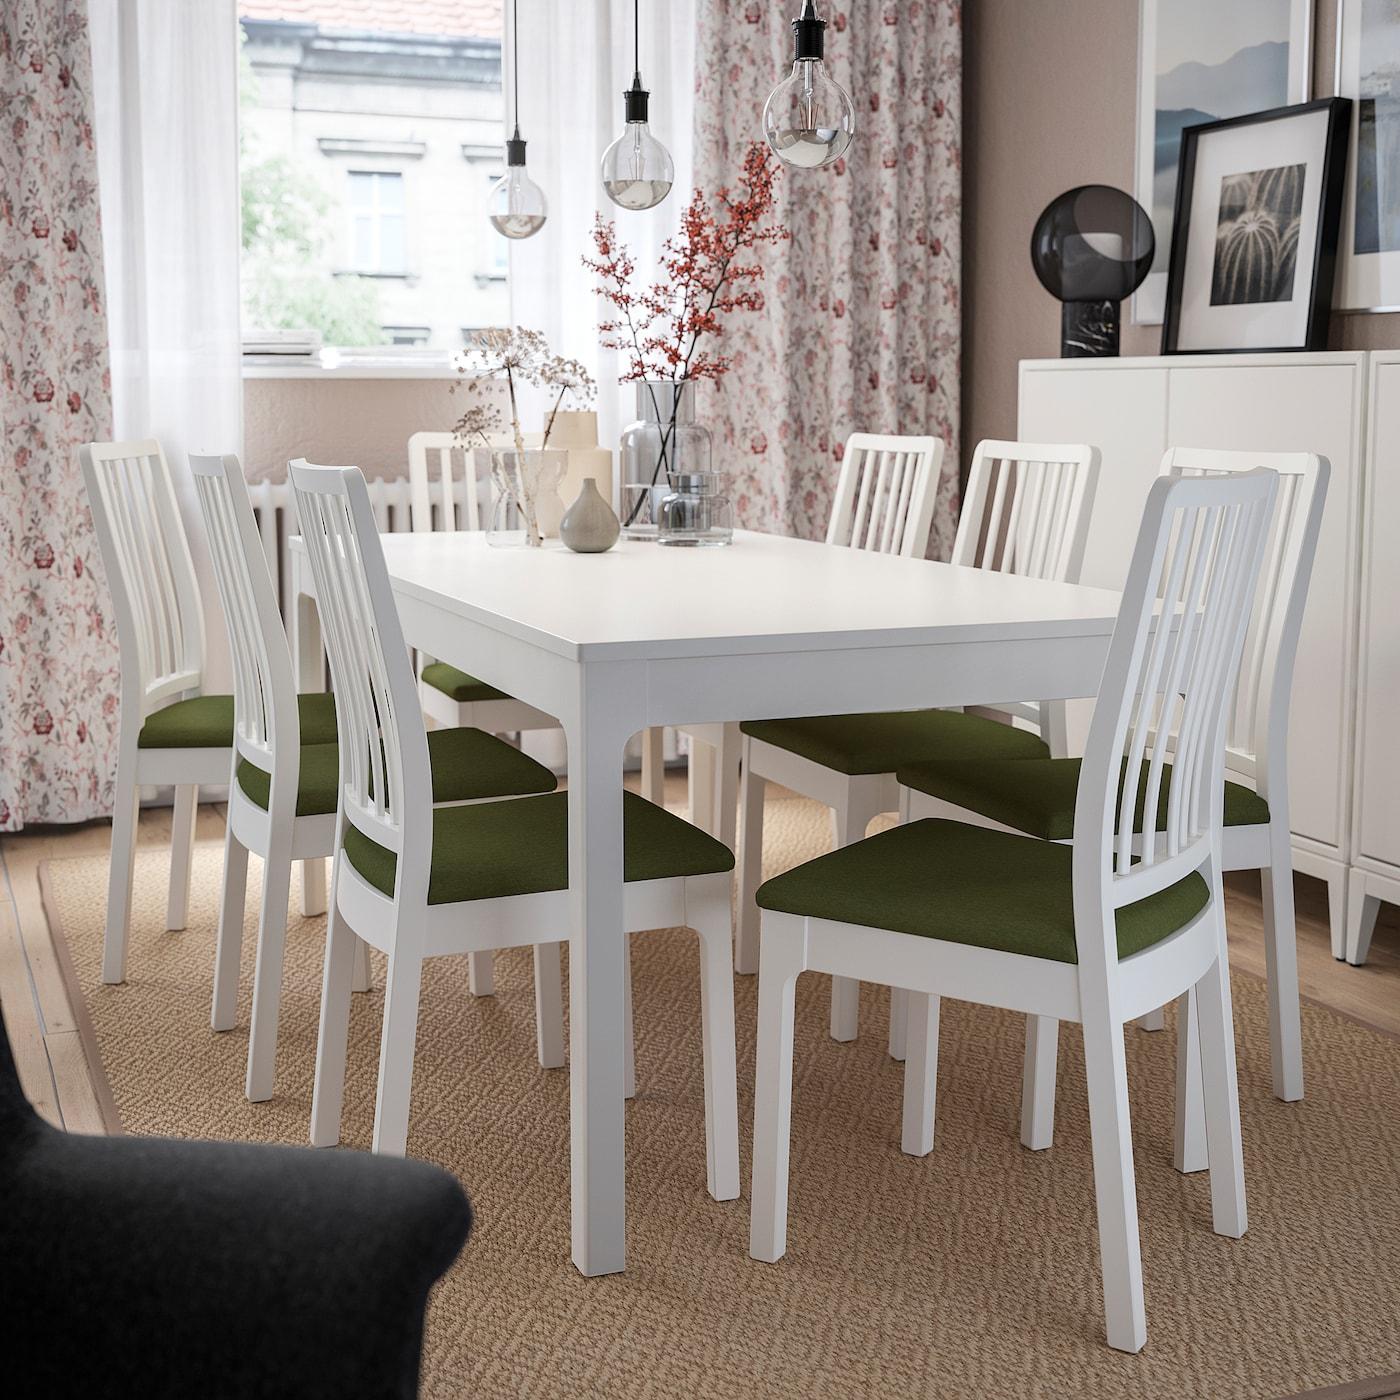 EKEDALEN Stol hvitOrrsta olivengrønn IKEA